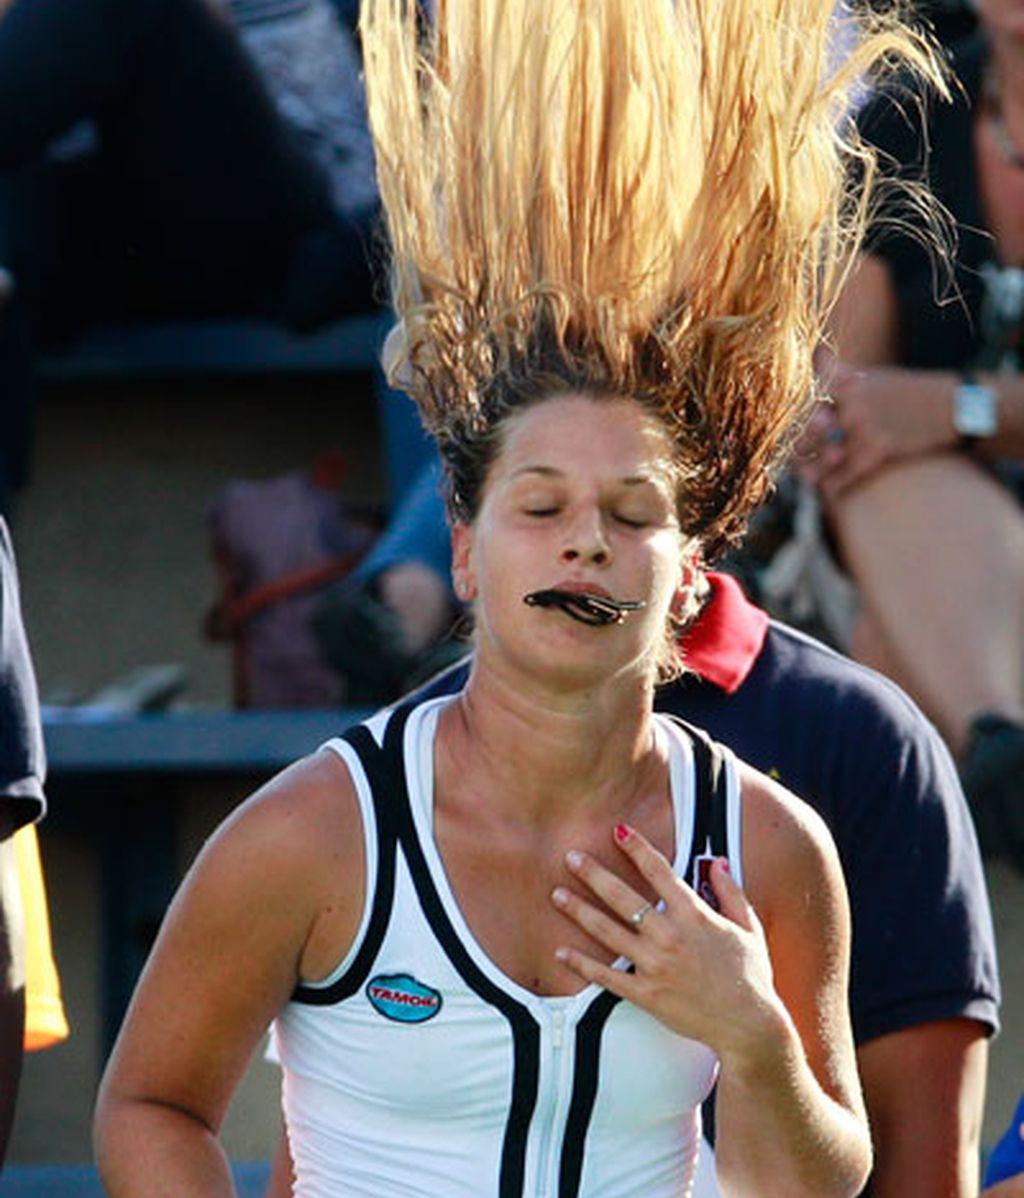 El US Open se juega con el pelo alborotado